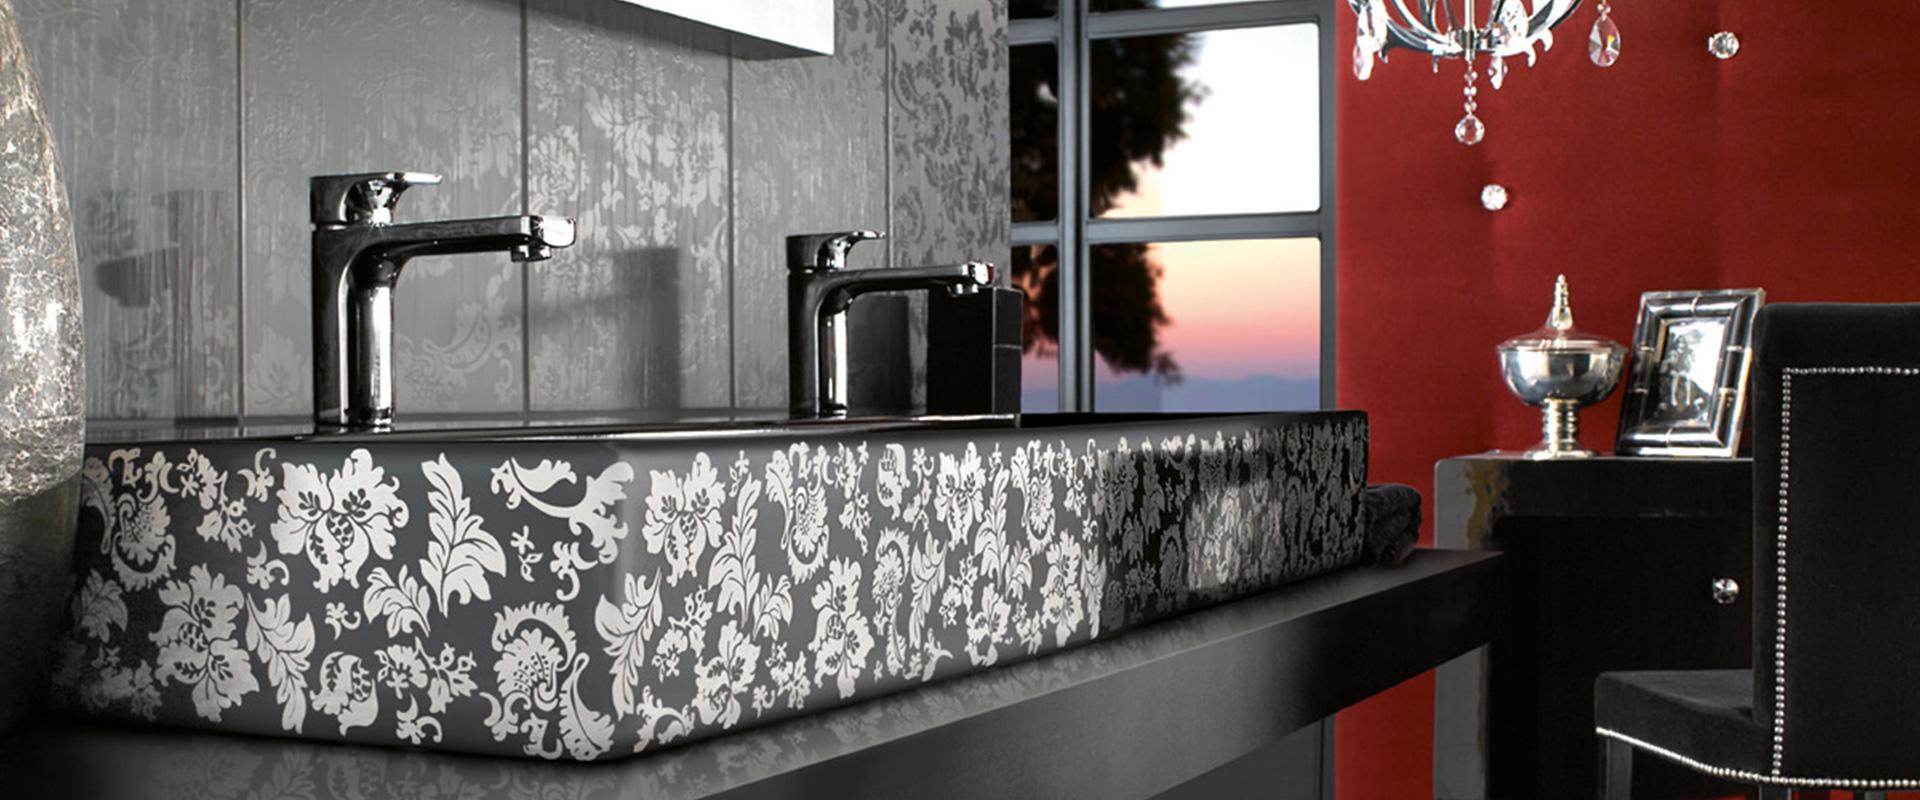 Conception de salles de bain villeroy boch for Outil de conception salle de bain